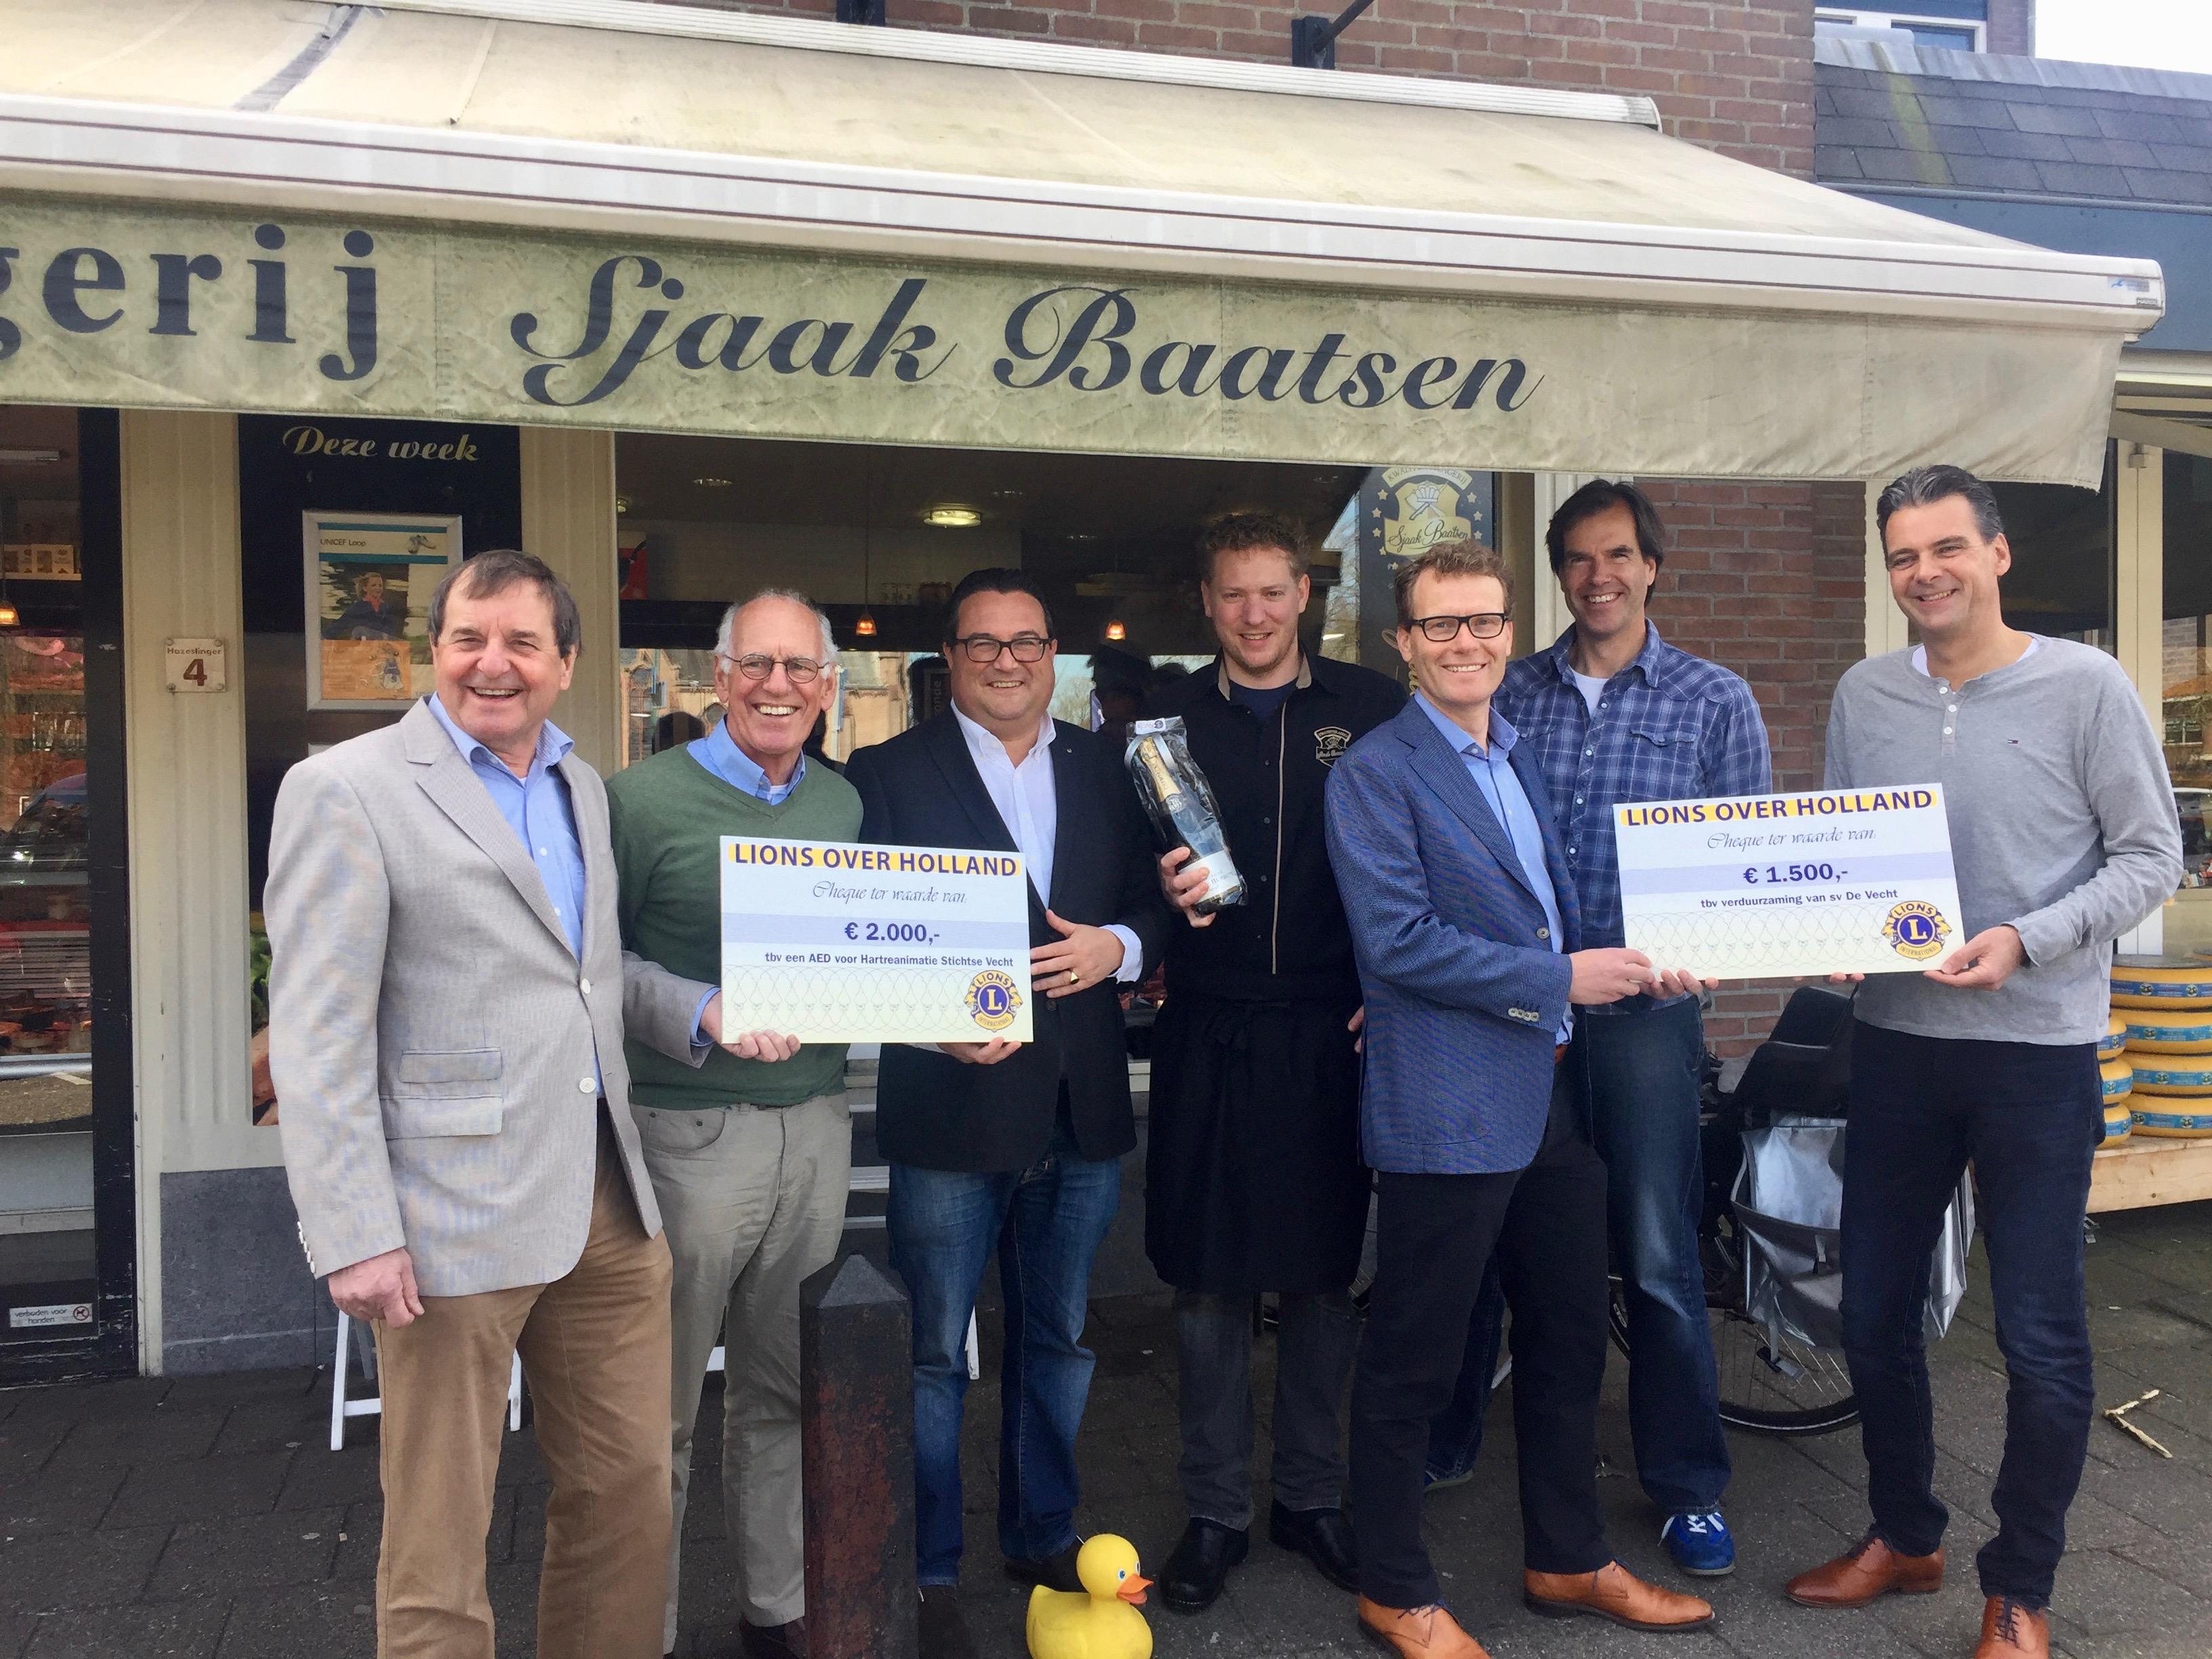 VARNWS Hartreanimatie en sv De Vecht ontvangen cheques van Lionsclub